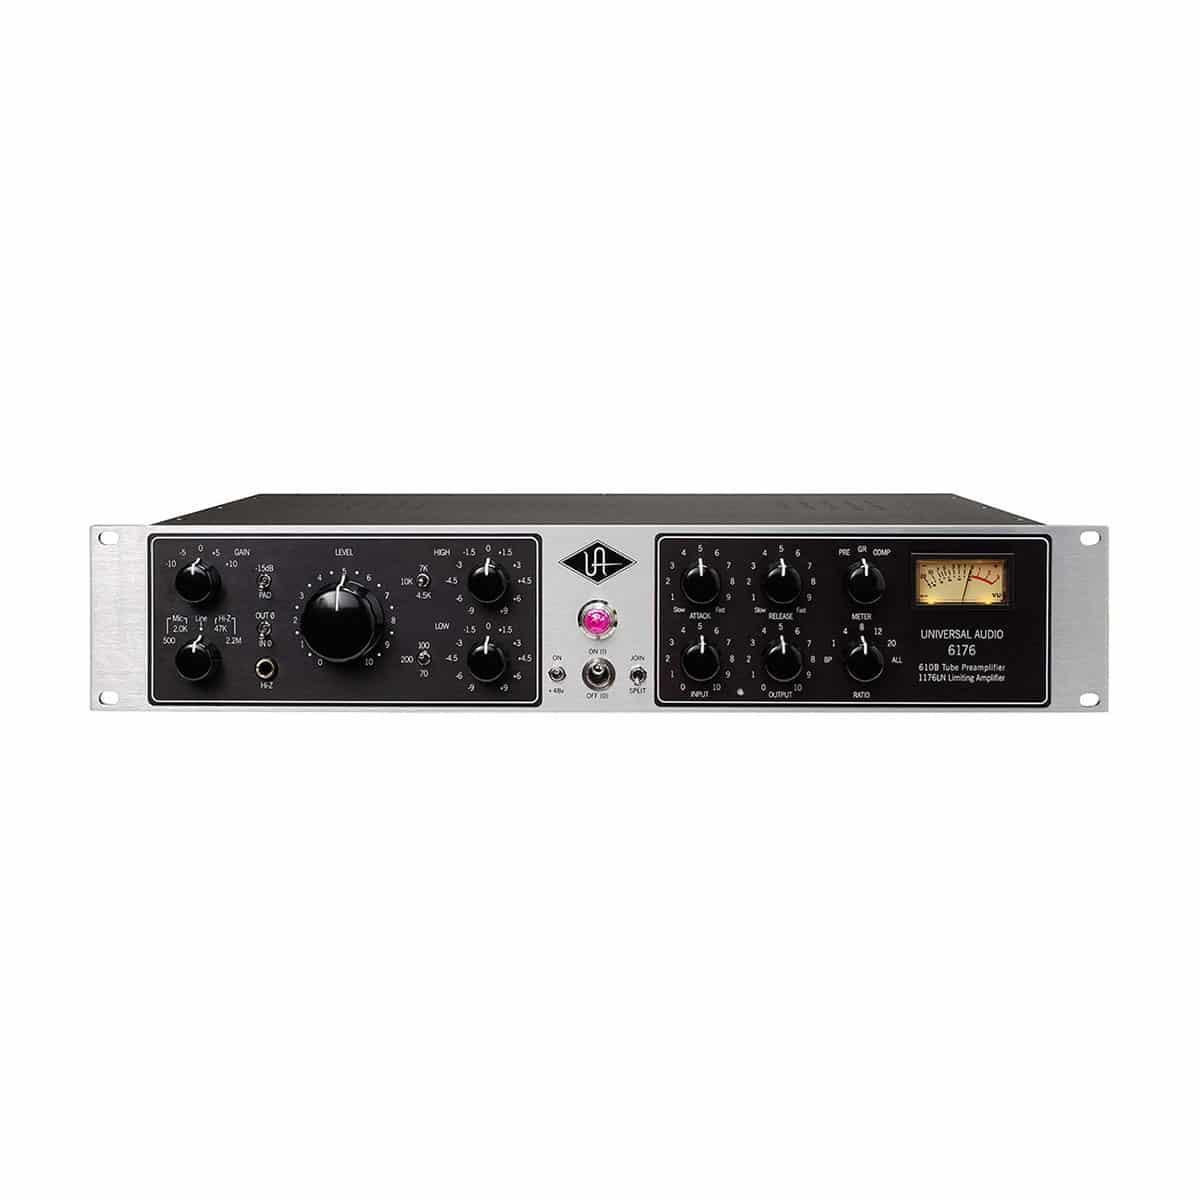 Universal Audio 6176 01 Channel Strip, Outboard professionale analogico, Preamplificatori microfonici in formato Rack e Serie 500, Strumentazioni Pro Audio per studi di registrazione